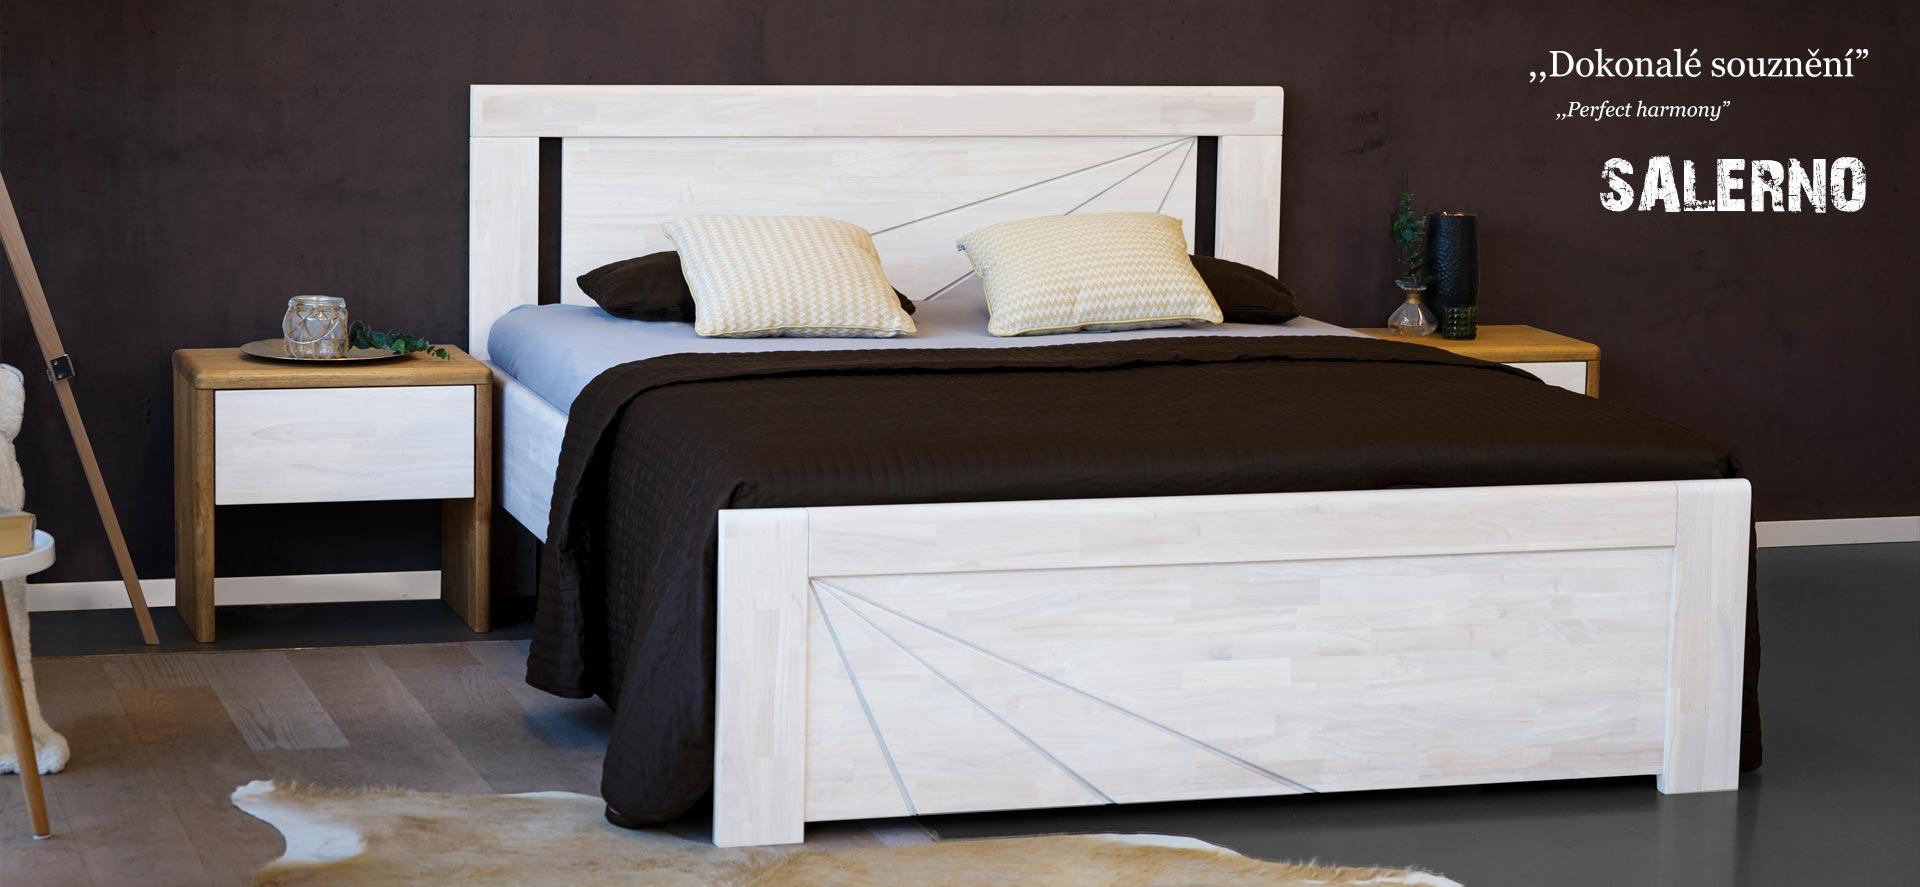 Masivní postel SALERNO nabízí zajímavý design od mladých architektů. Vyšší ložnou plochy a možnost umístění úložného prostoru nebo úložného boxu přímo pod postel.